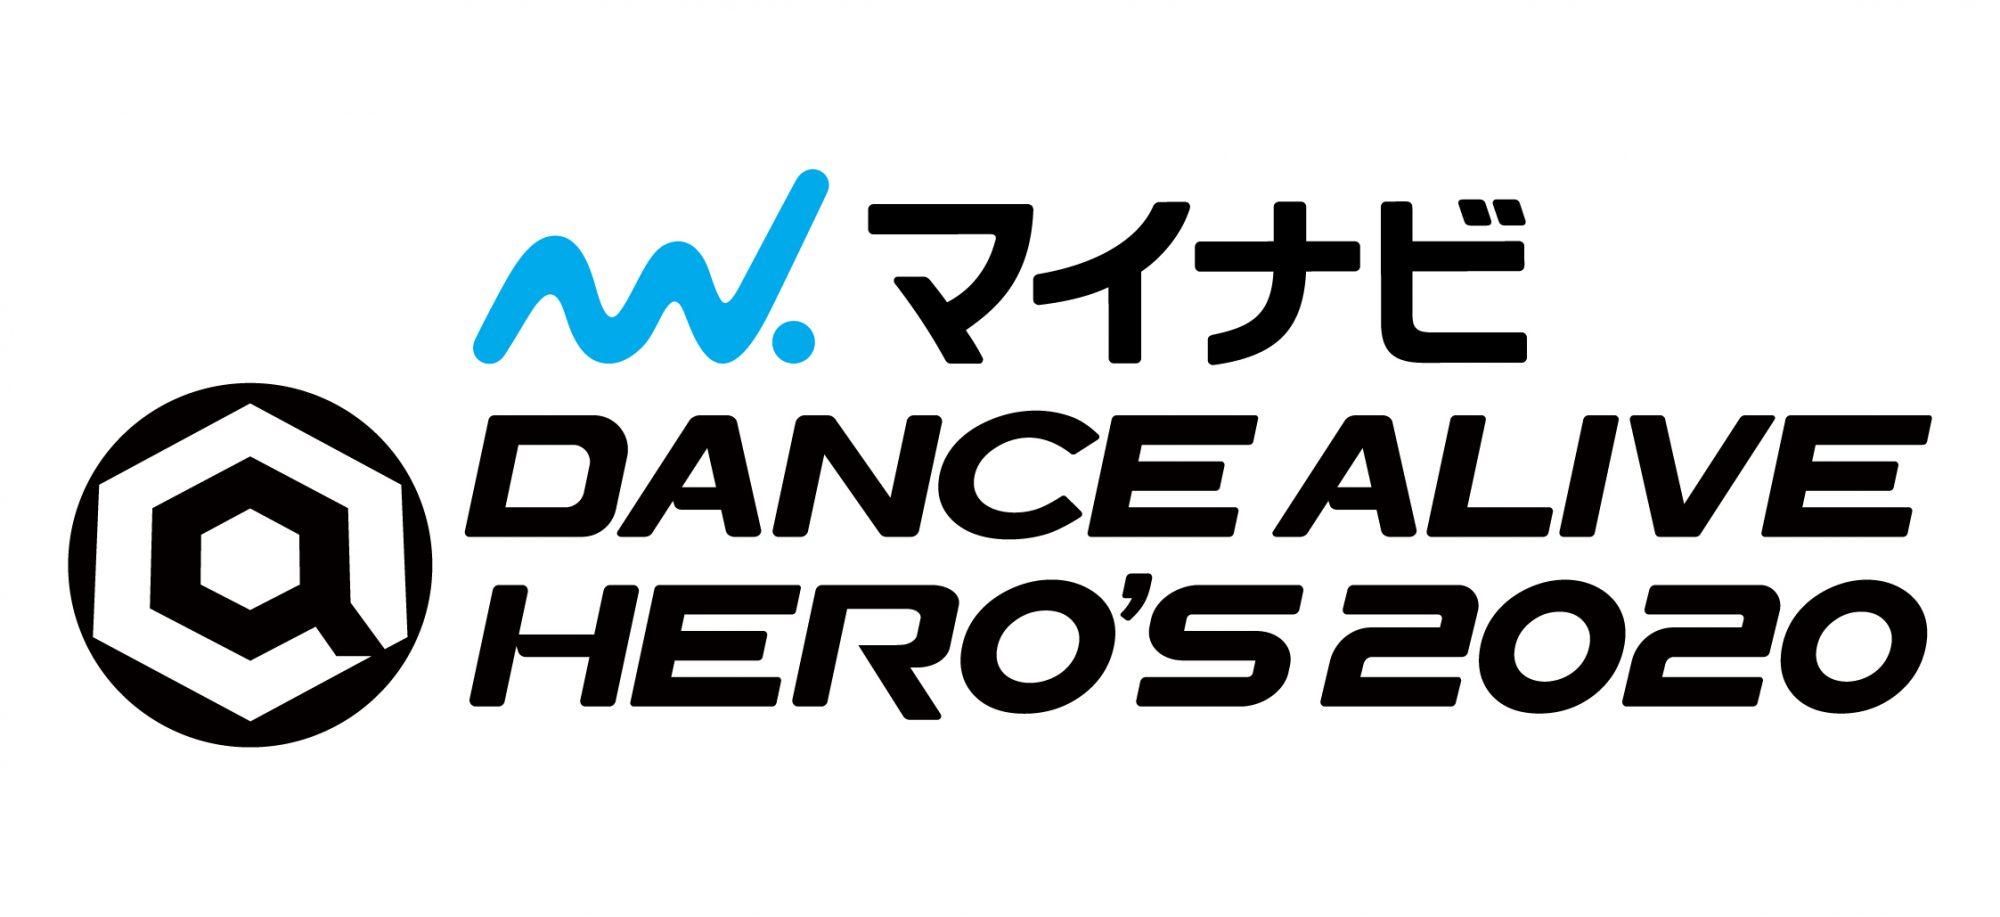 株式会社マイナビが2年連続オフィシャルスポンサーに決定!